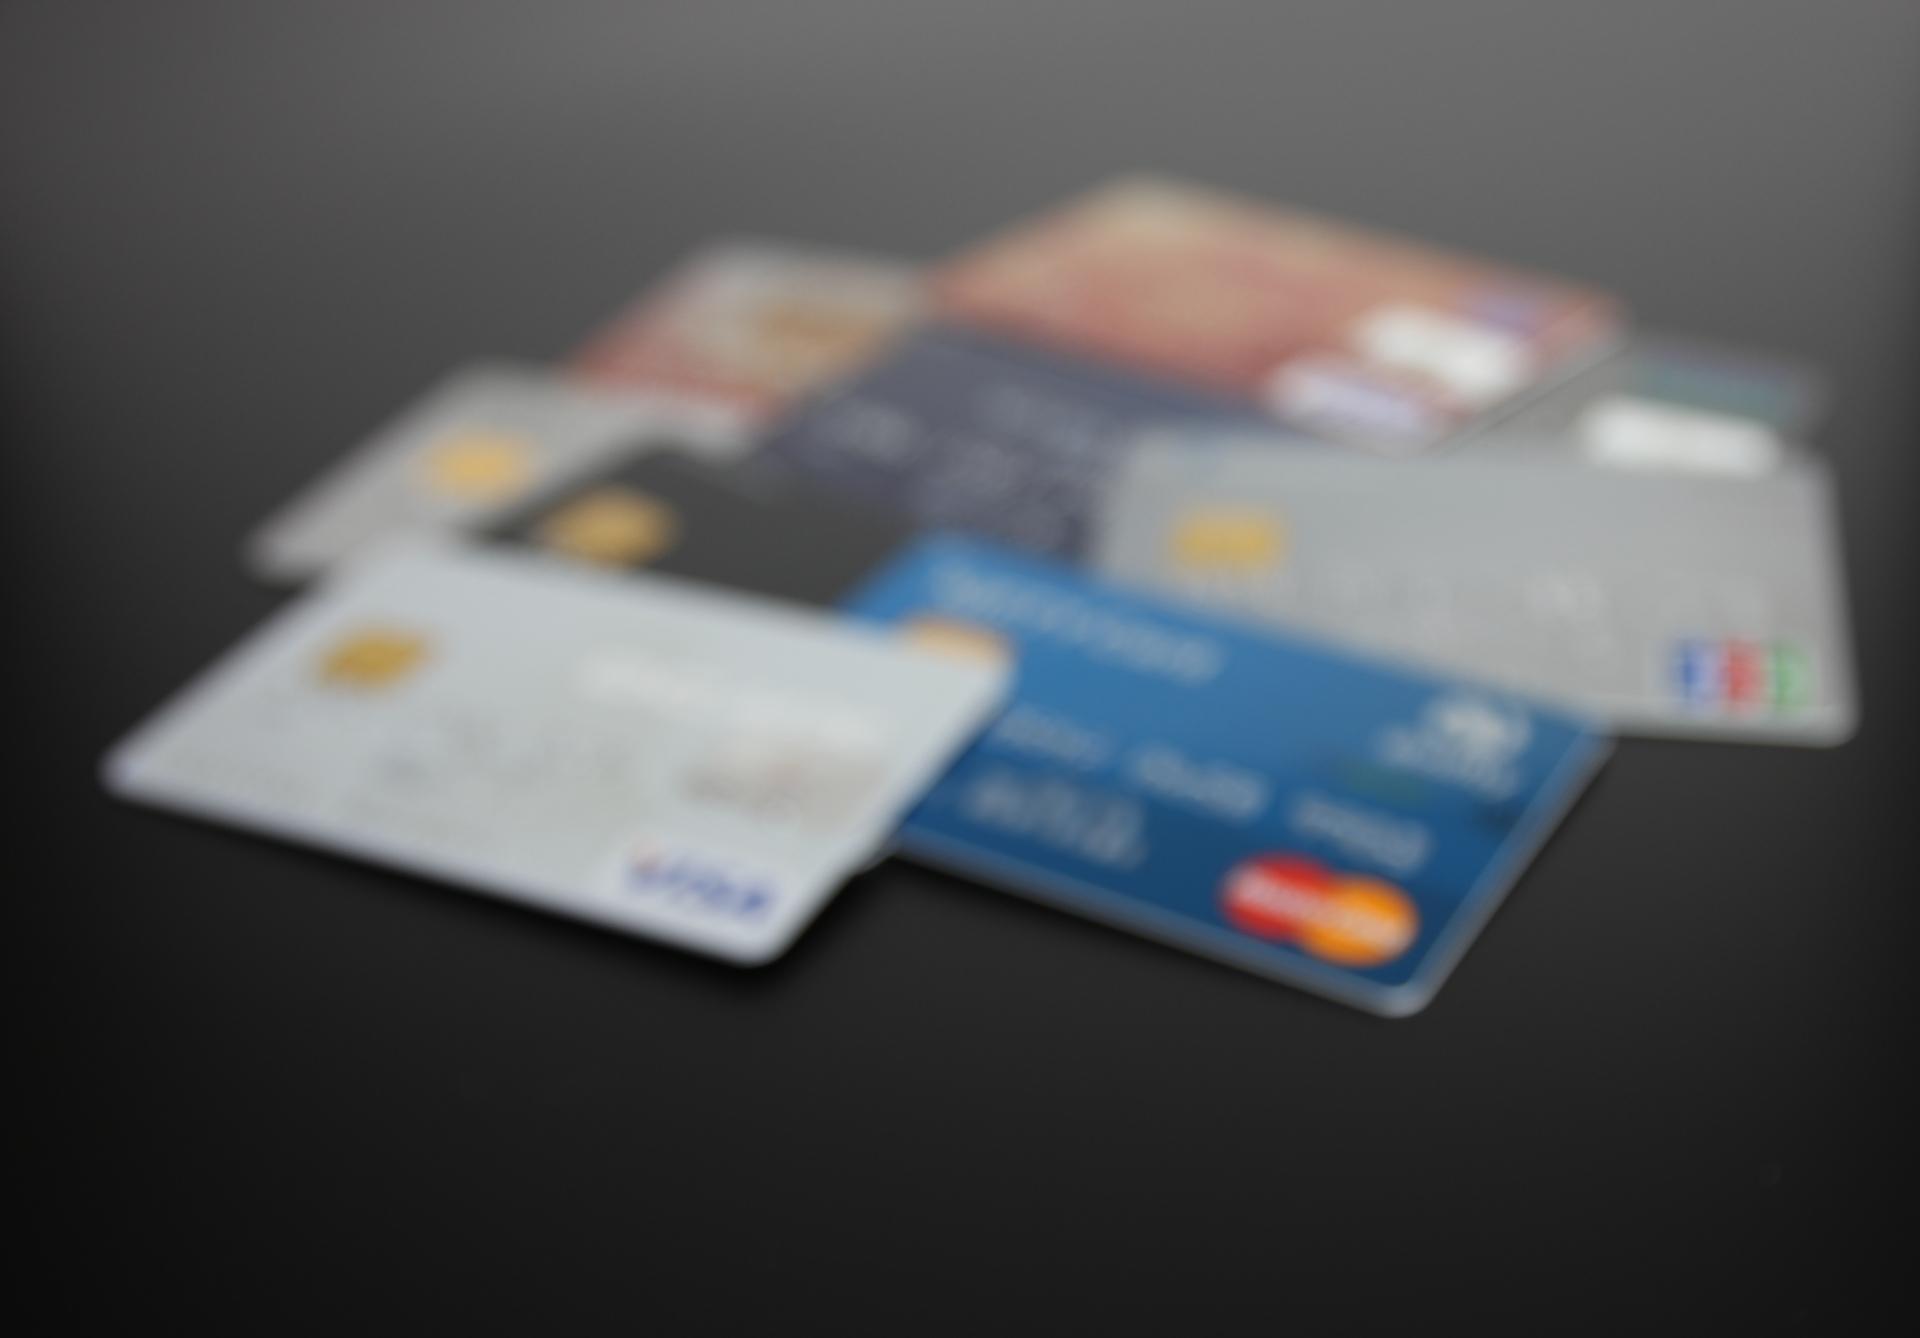 クレジットカード と マネパカード を比較してみたら、意外な結果になった。